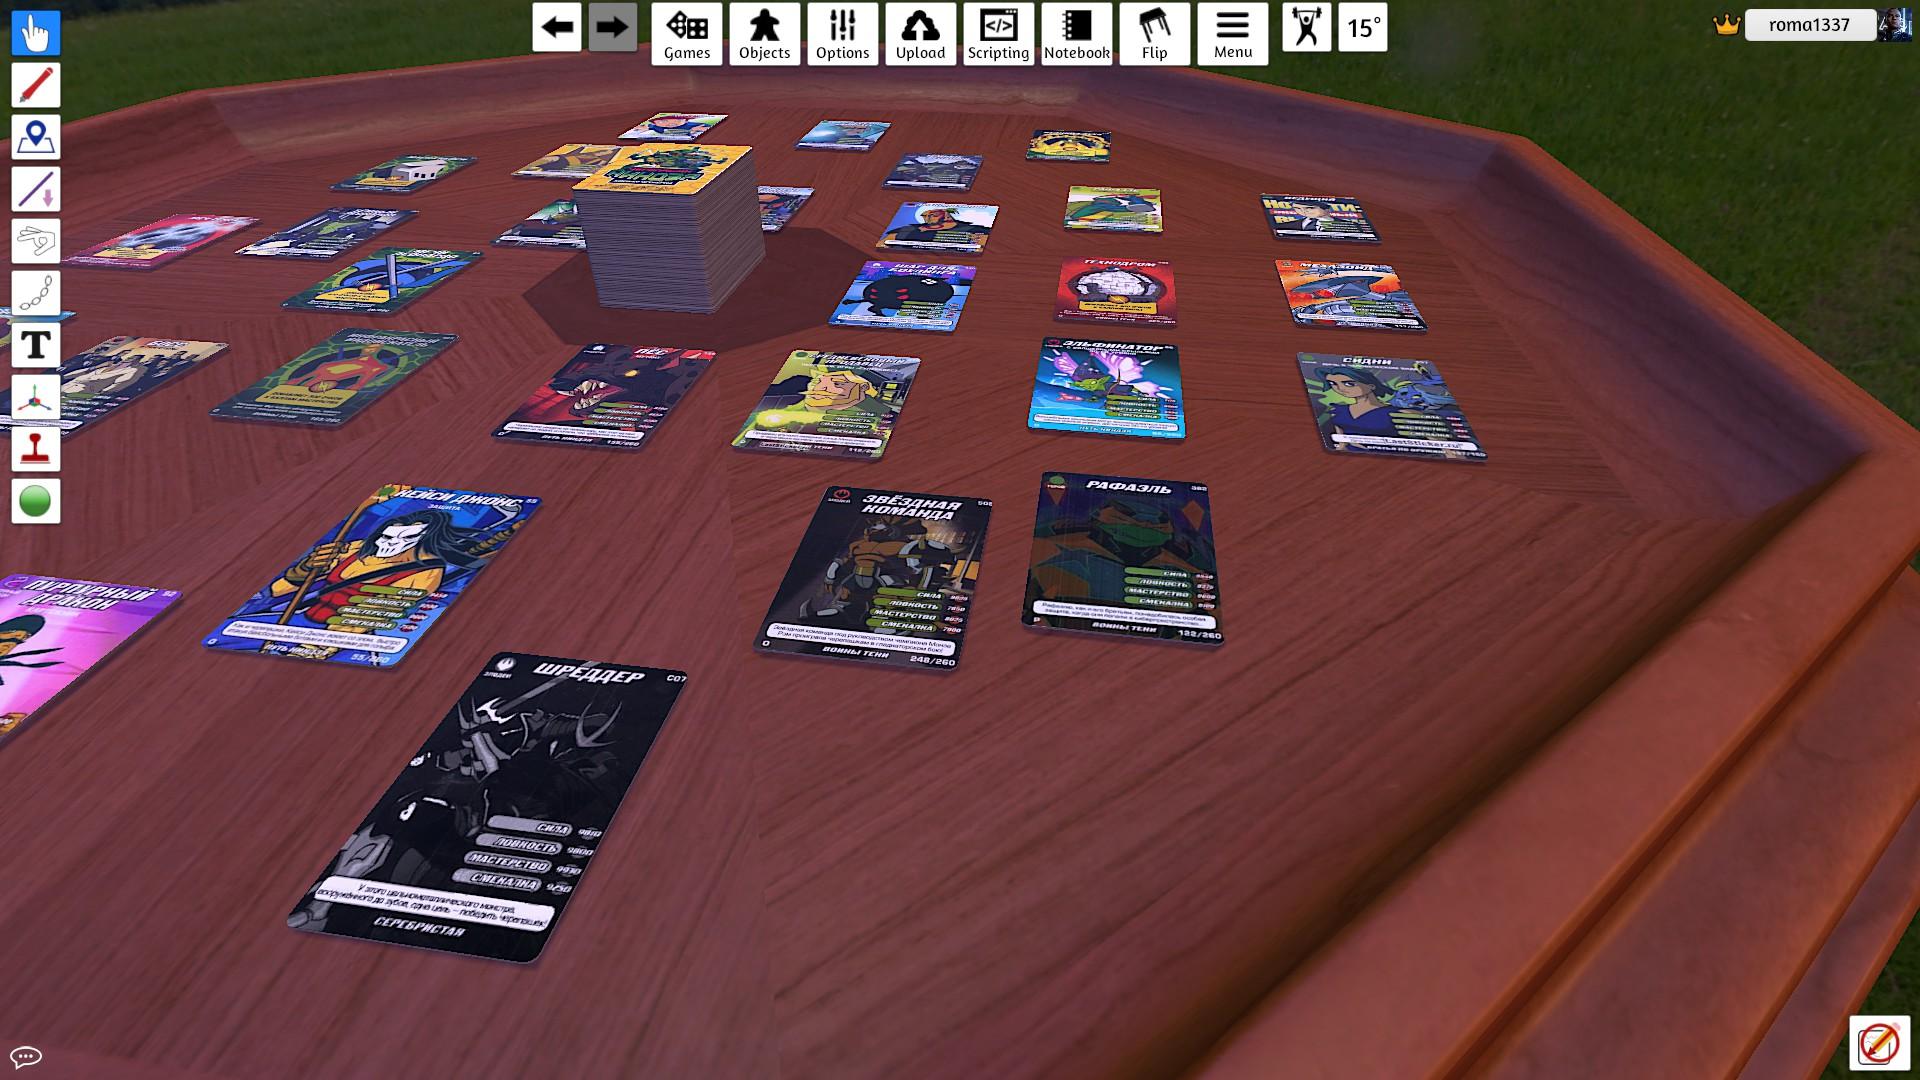 Игры черепашки ниндзя играть в карты как убрать из браузера yandex казино вулкан